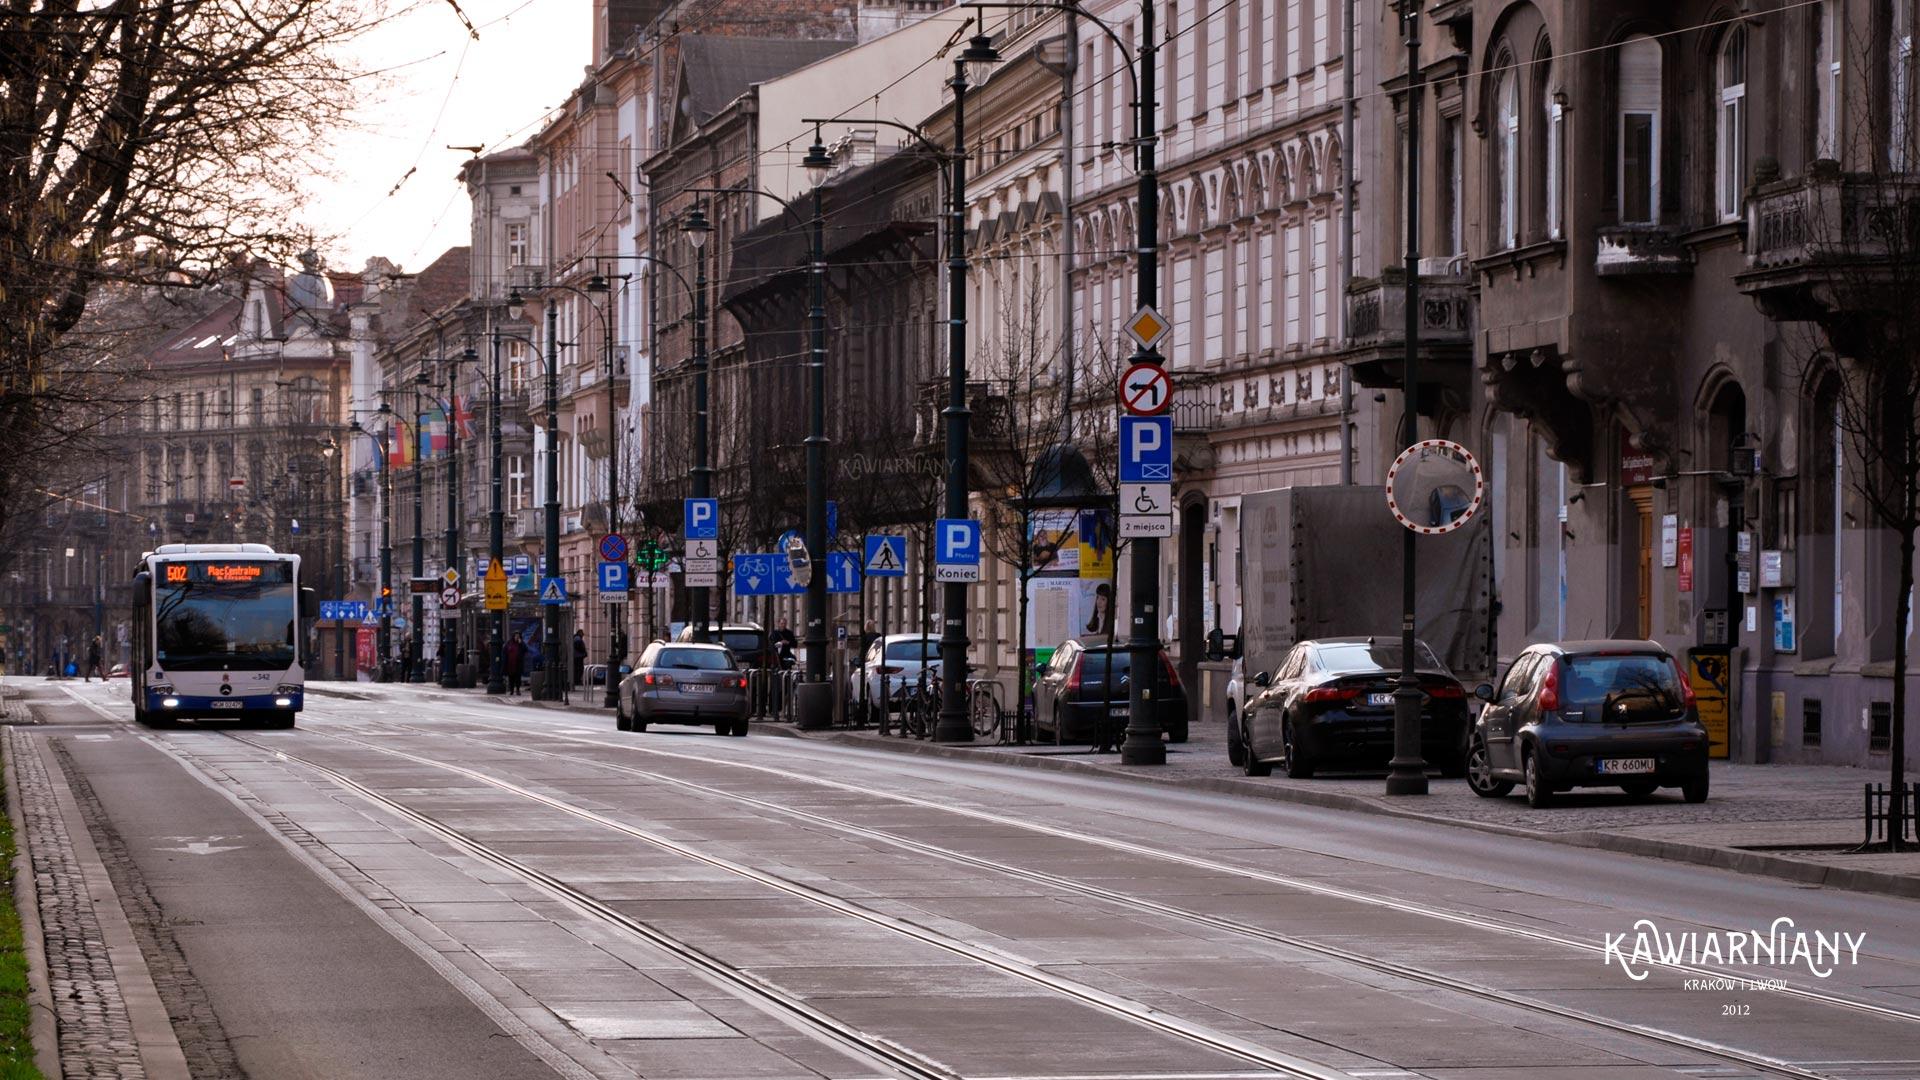 Czy w Krakowie jest metro? Metro w Krakowie 2020 czy 2021?